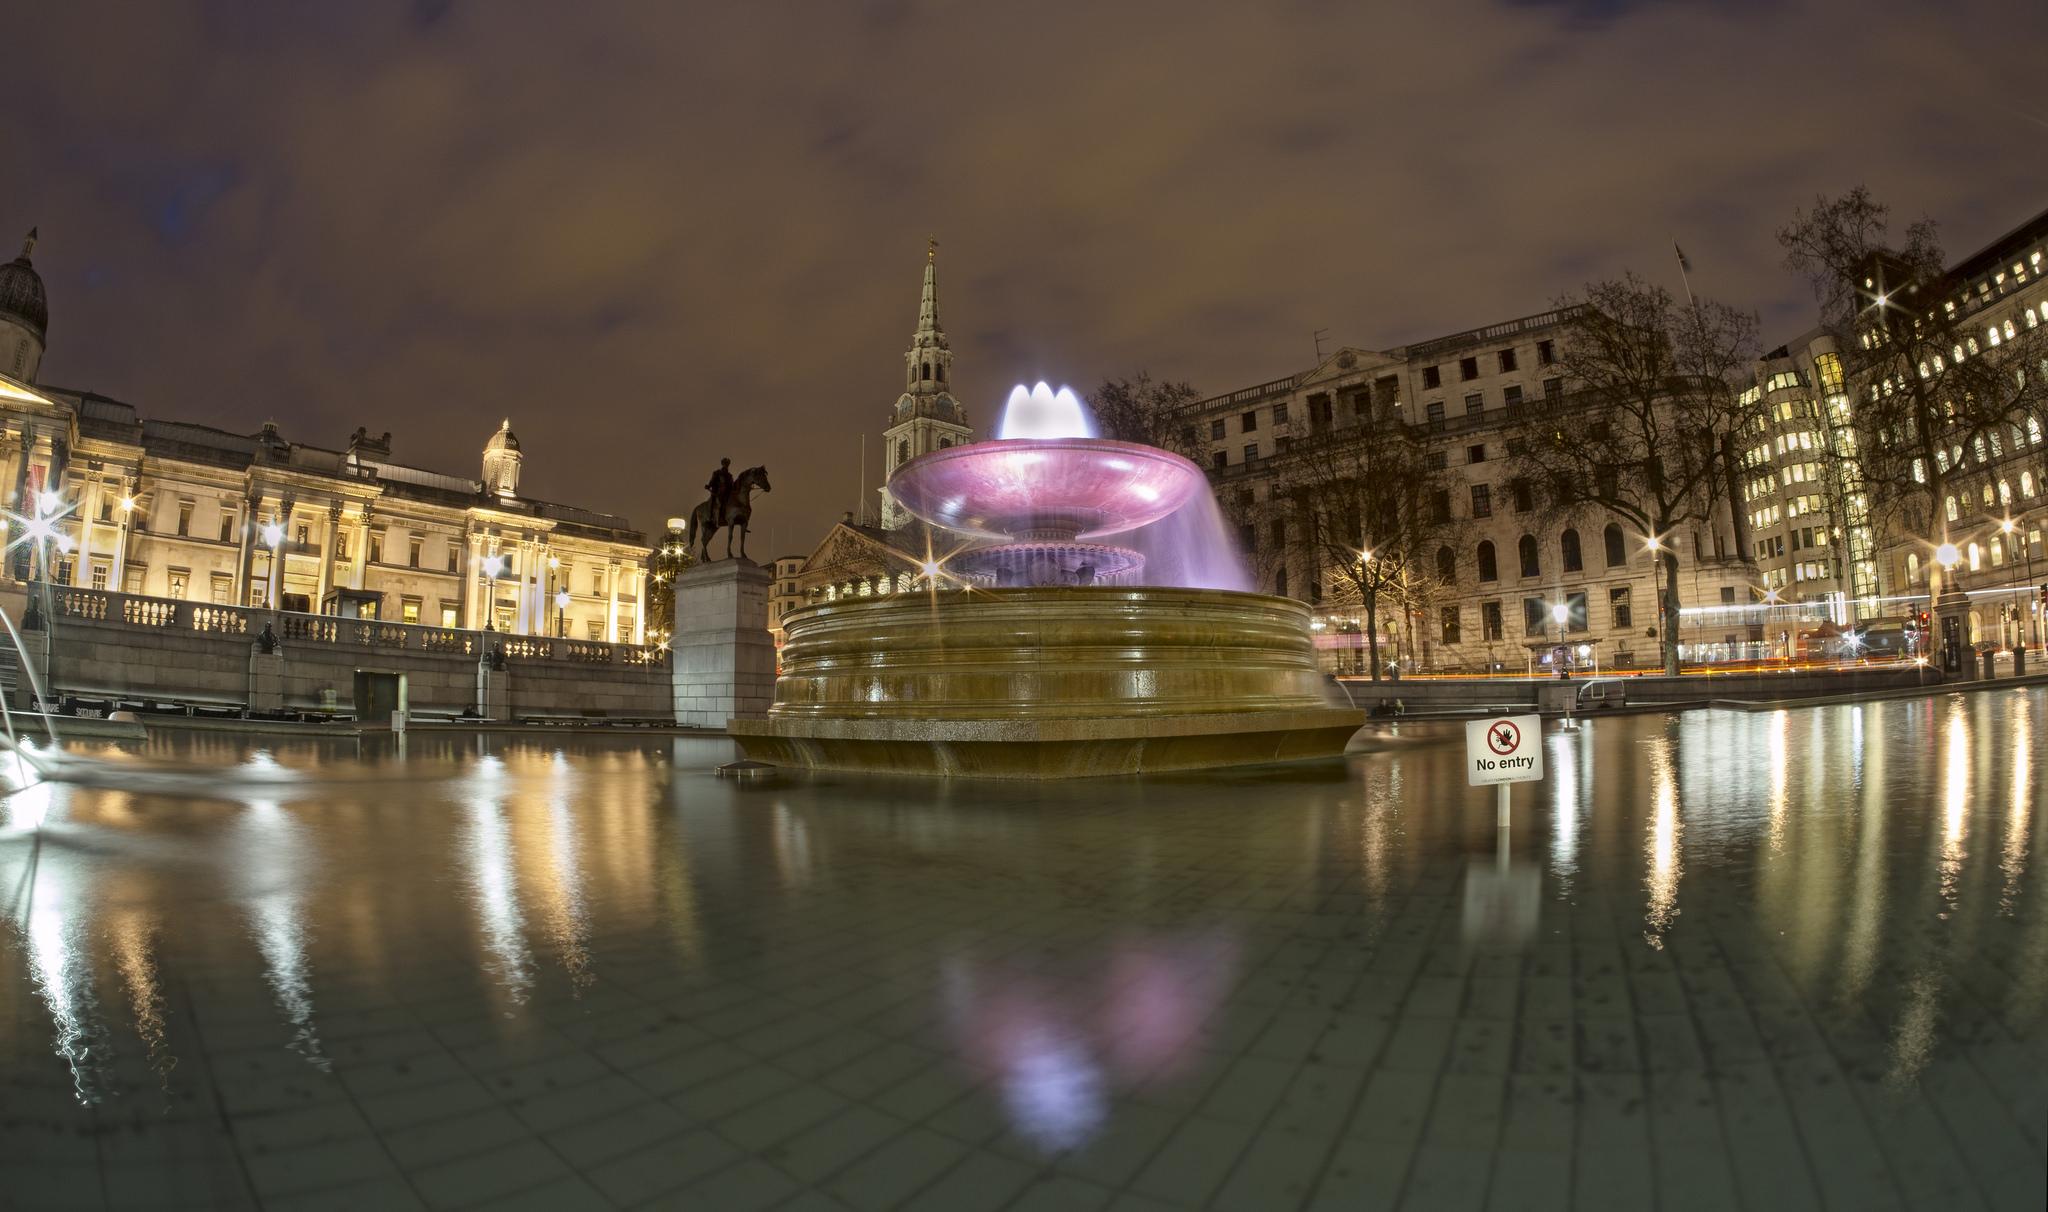 Один из фонтанов на Трафальгарской площади, Лондон